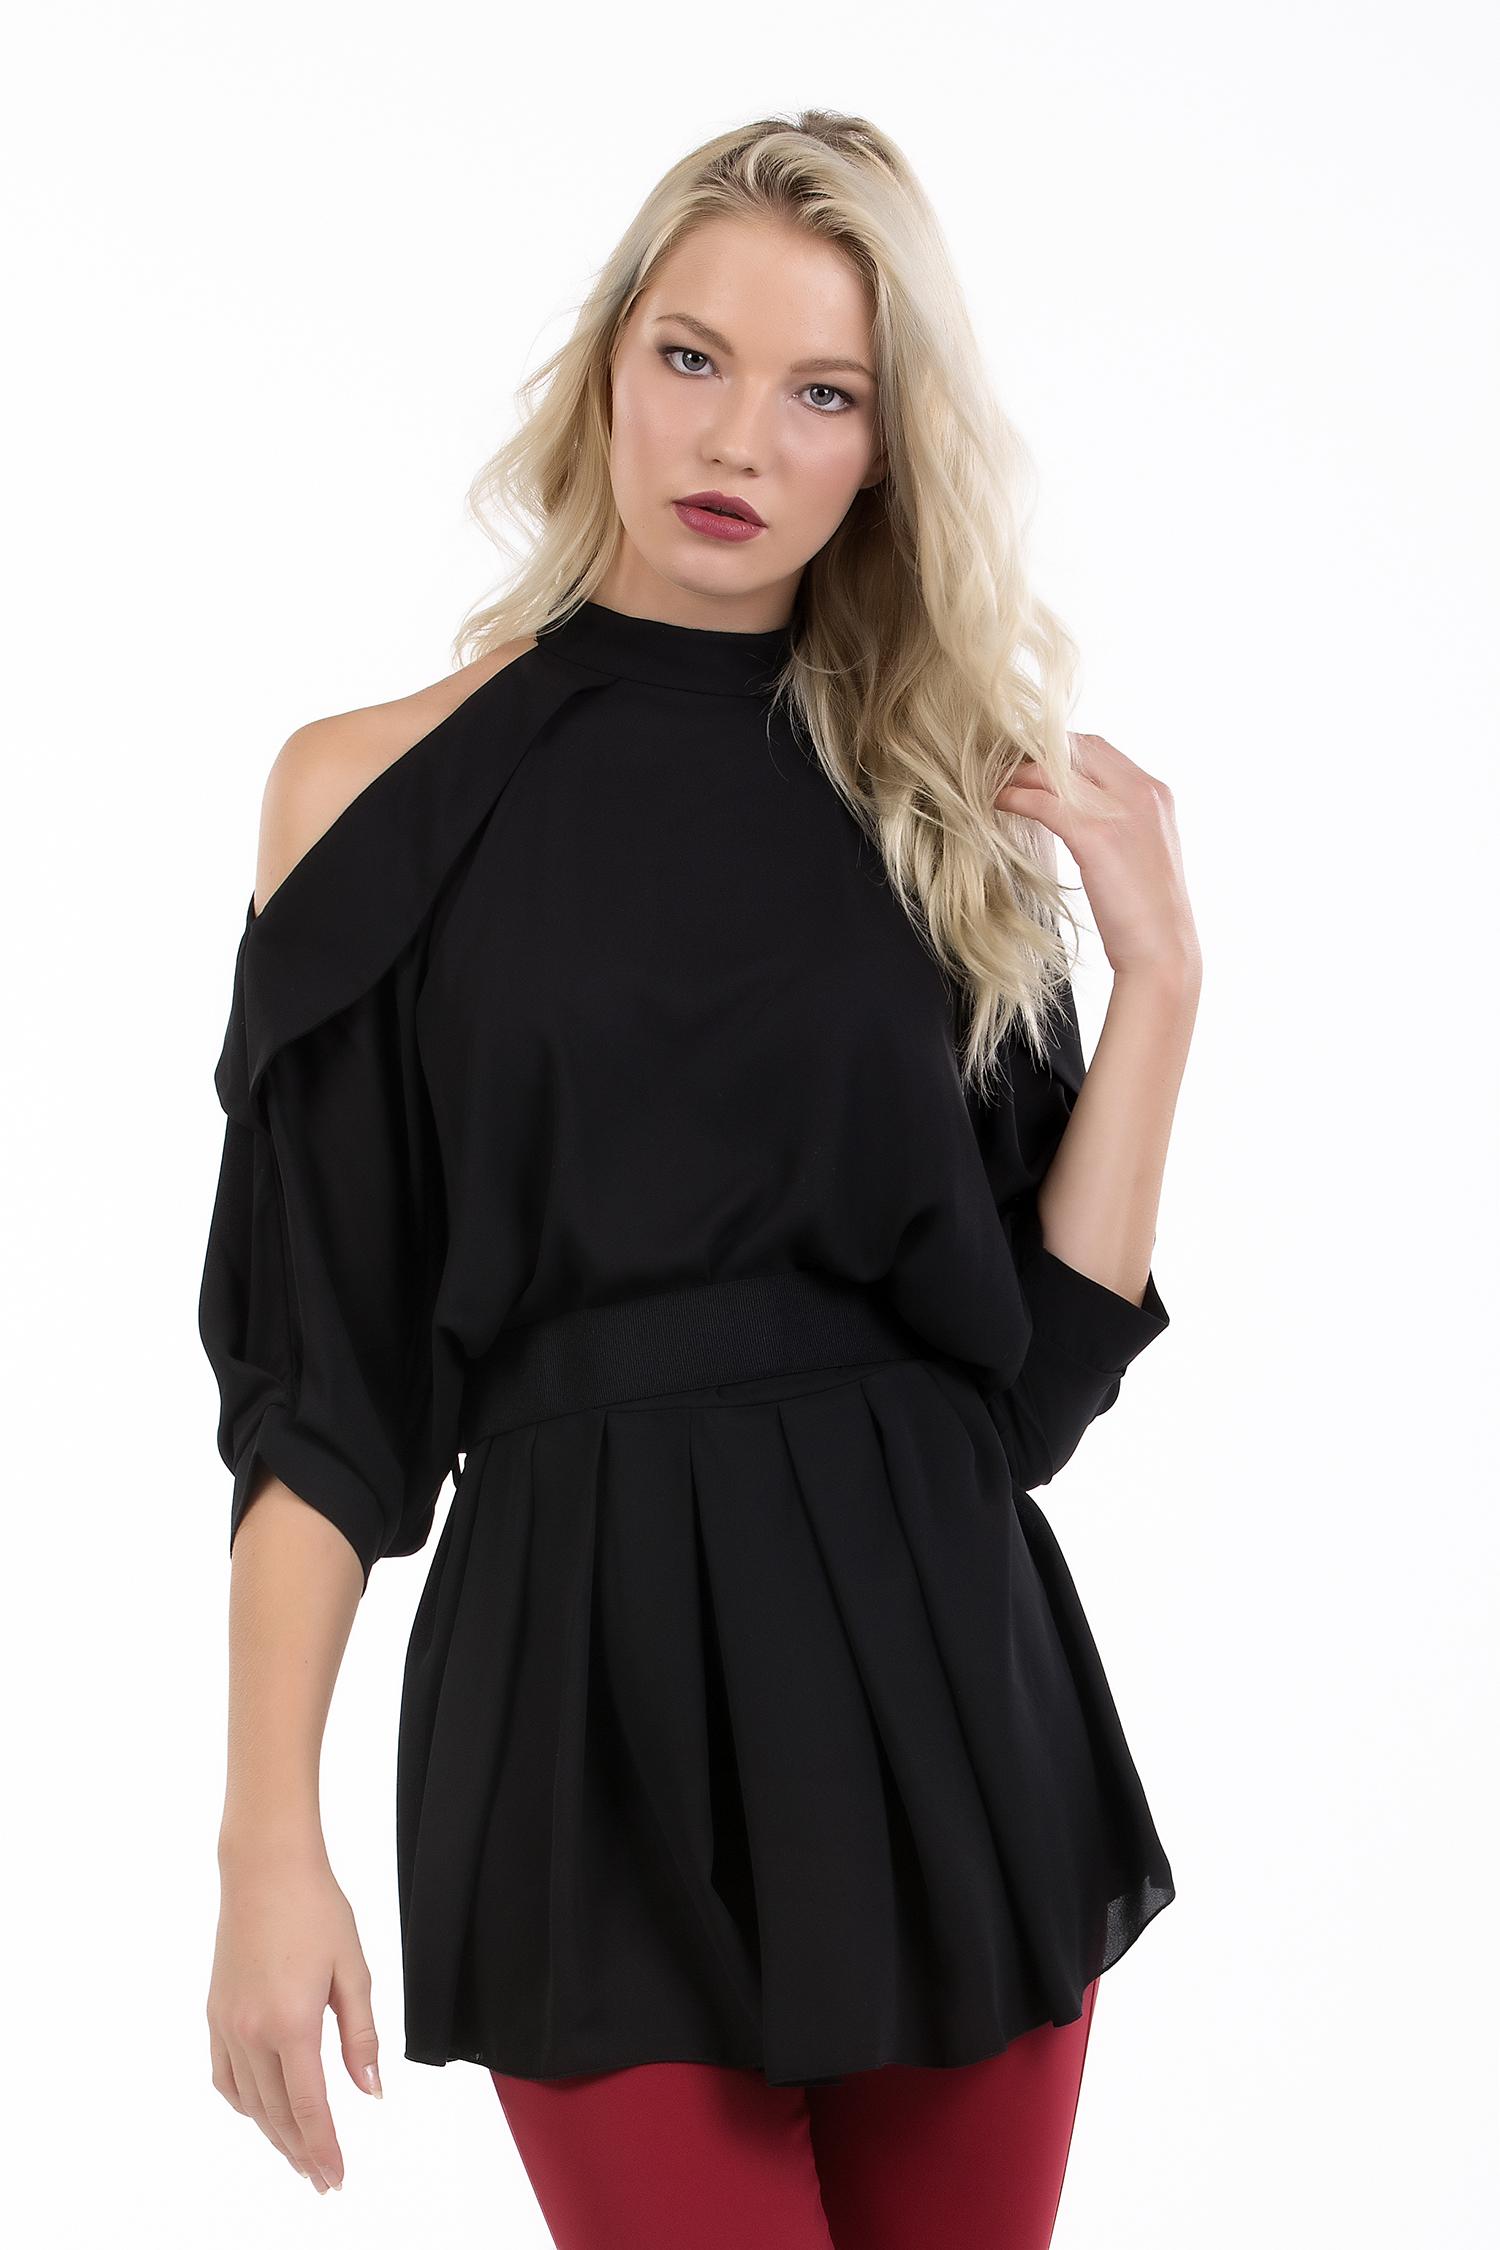 Γυναικεία Elegant Online μπλούζα μουσελίνα με ζώνη στη μέση - ONLINE - FA17ON-16